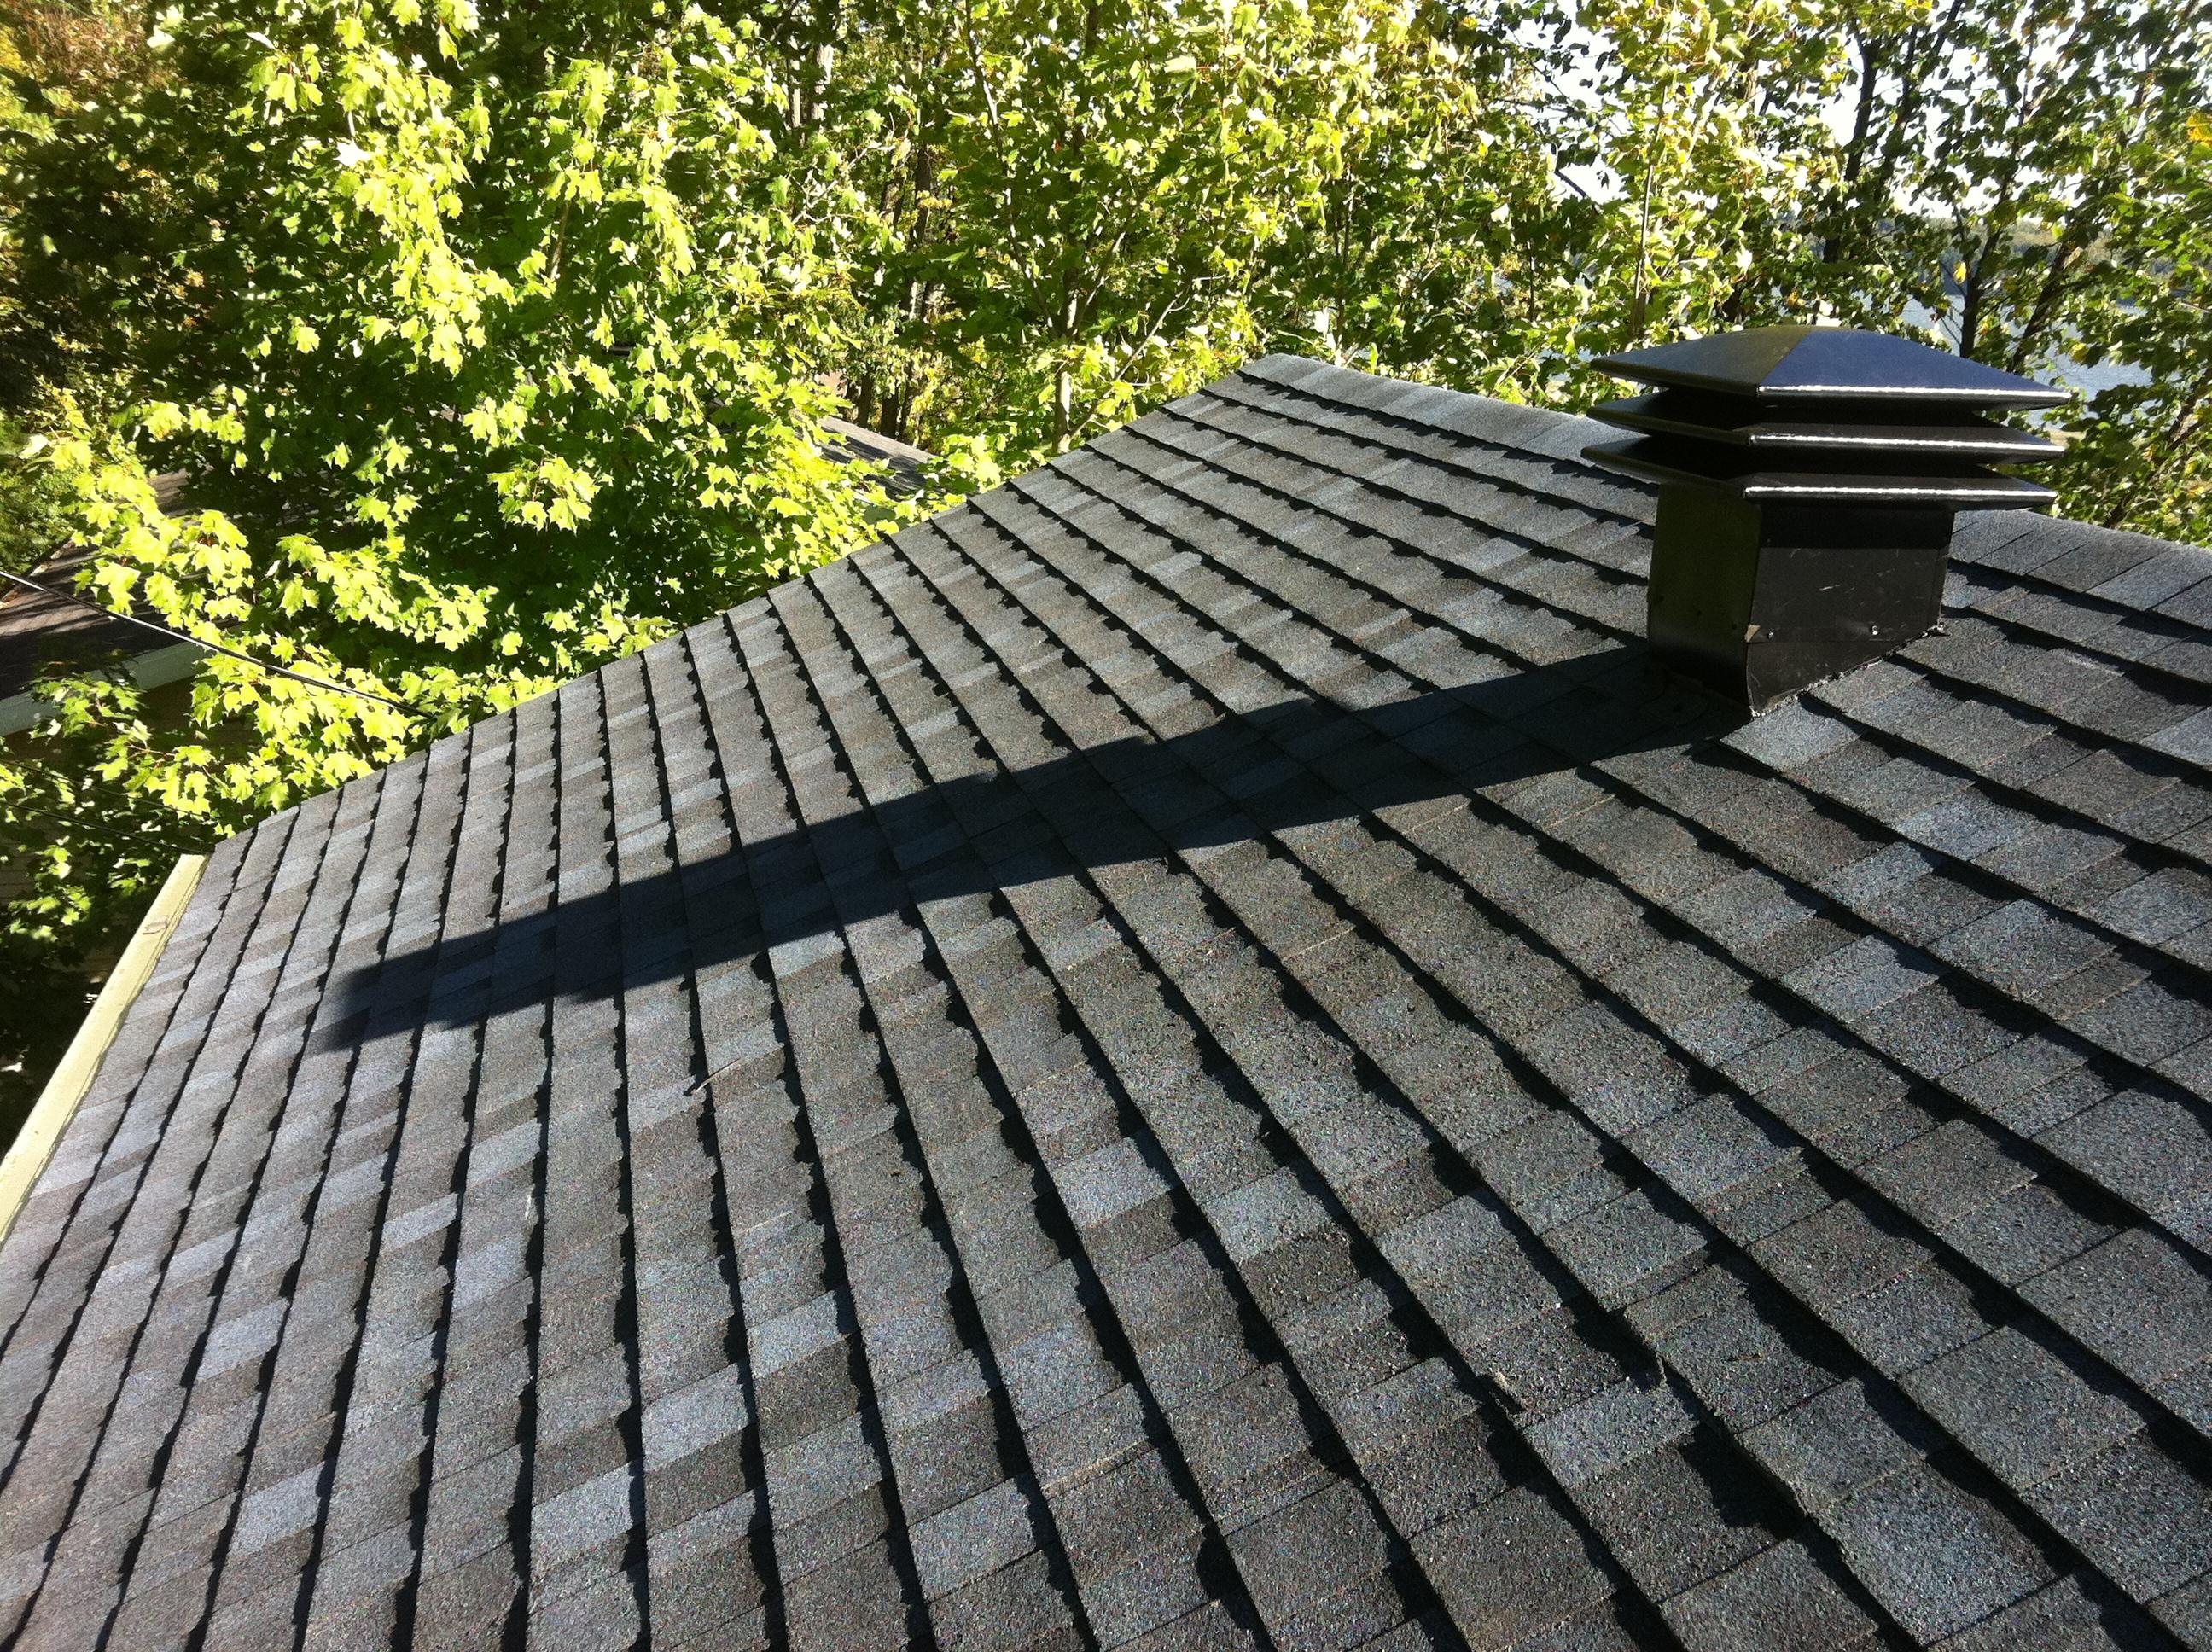 refaire une toiture refaire sa toiture engage des travaux importants pourquoi fautil faire. Black Bedroom Furniture Sets. Home Design Ideas